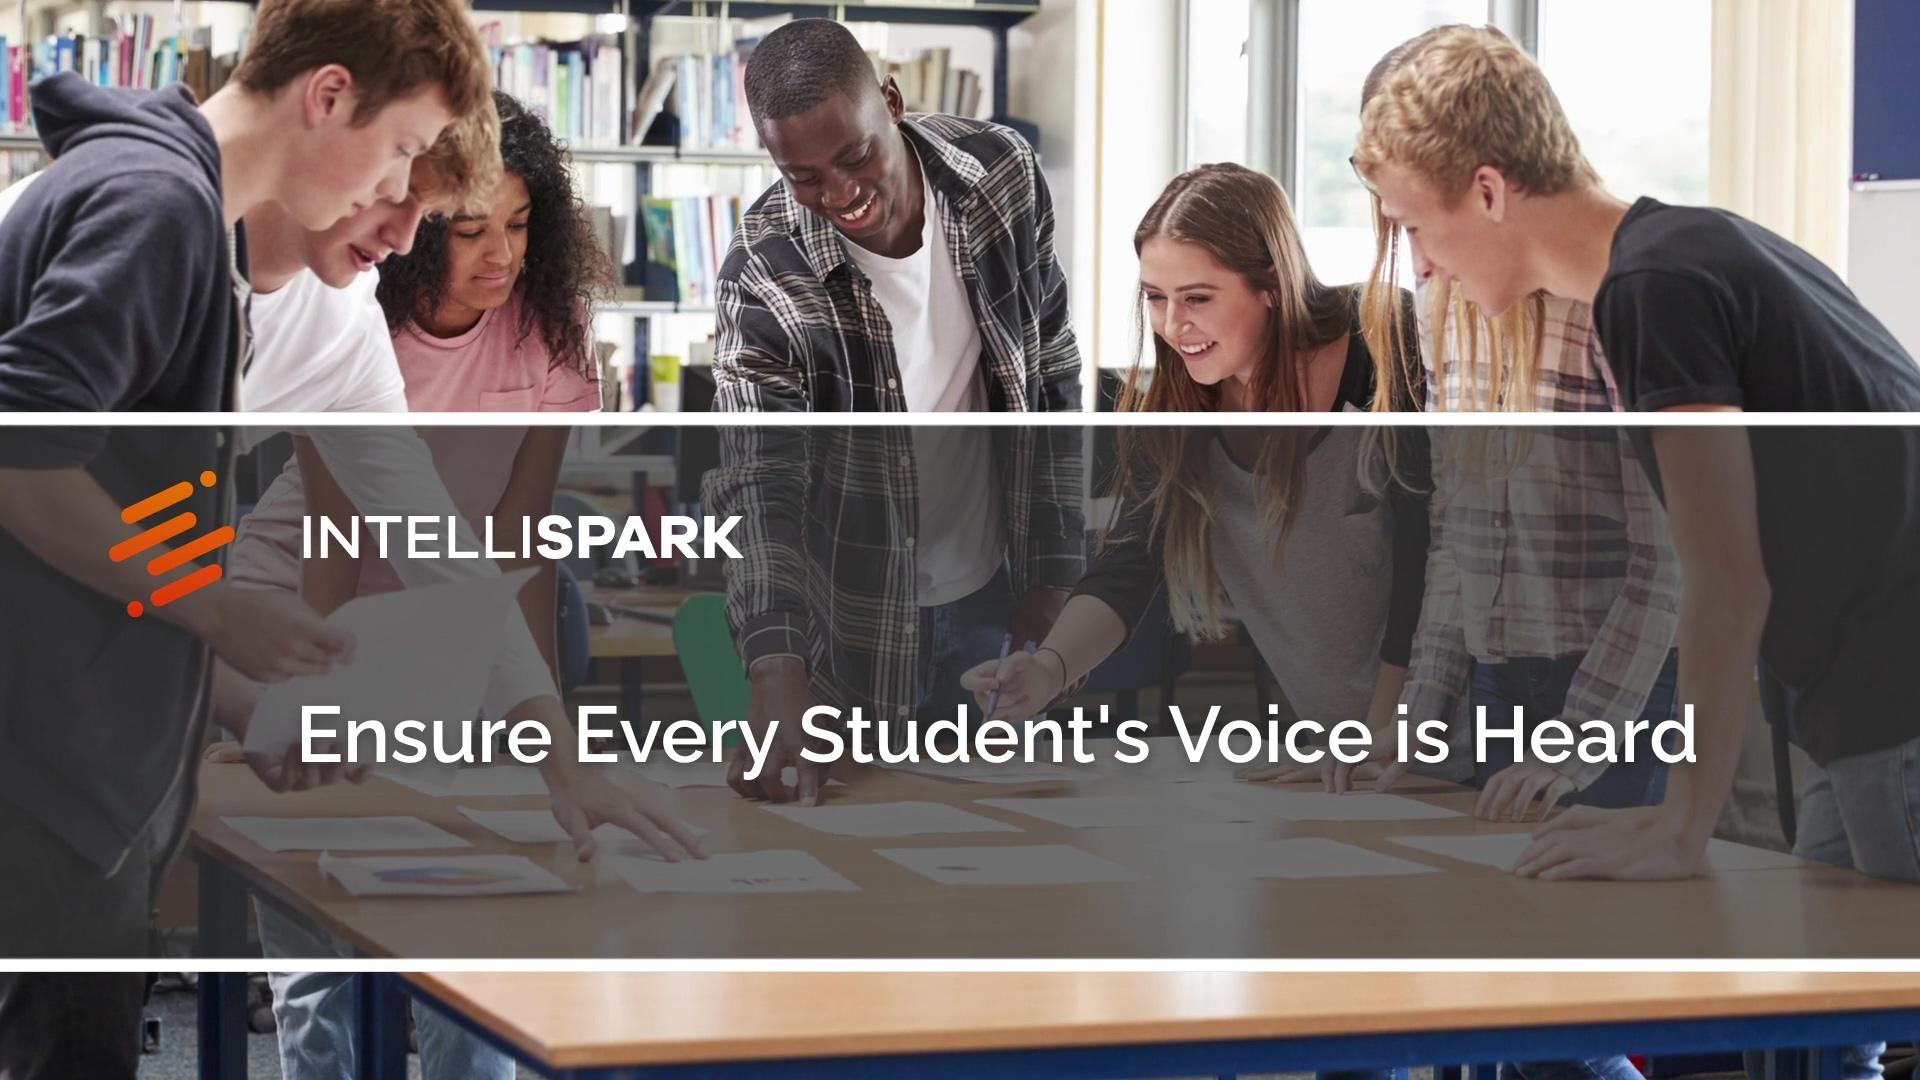 StudentVoiceSurveys